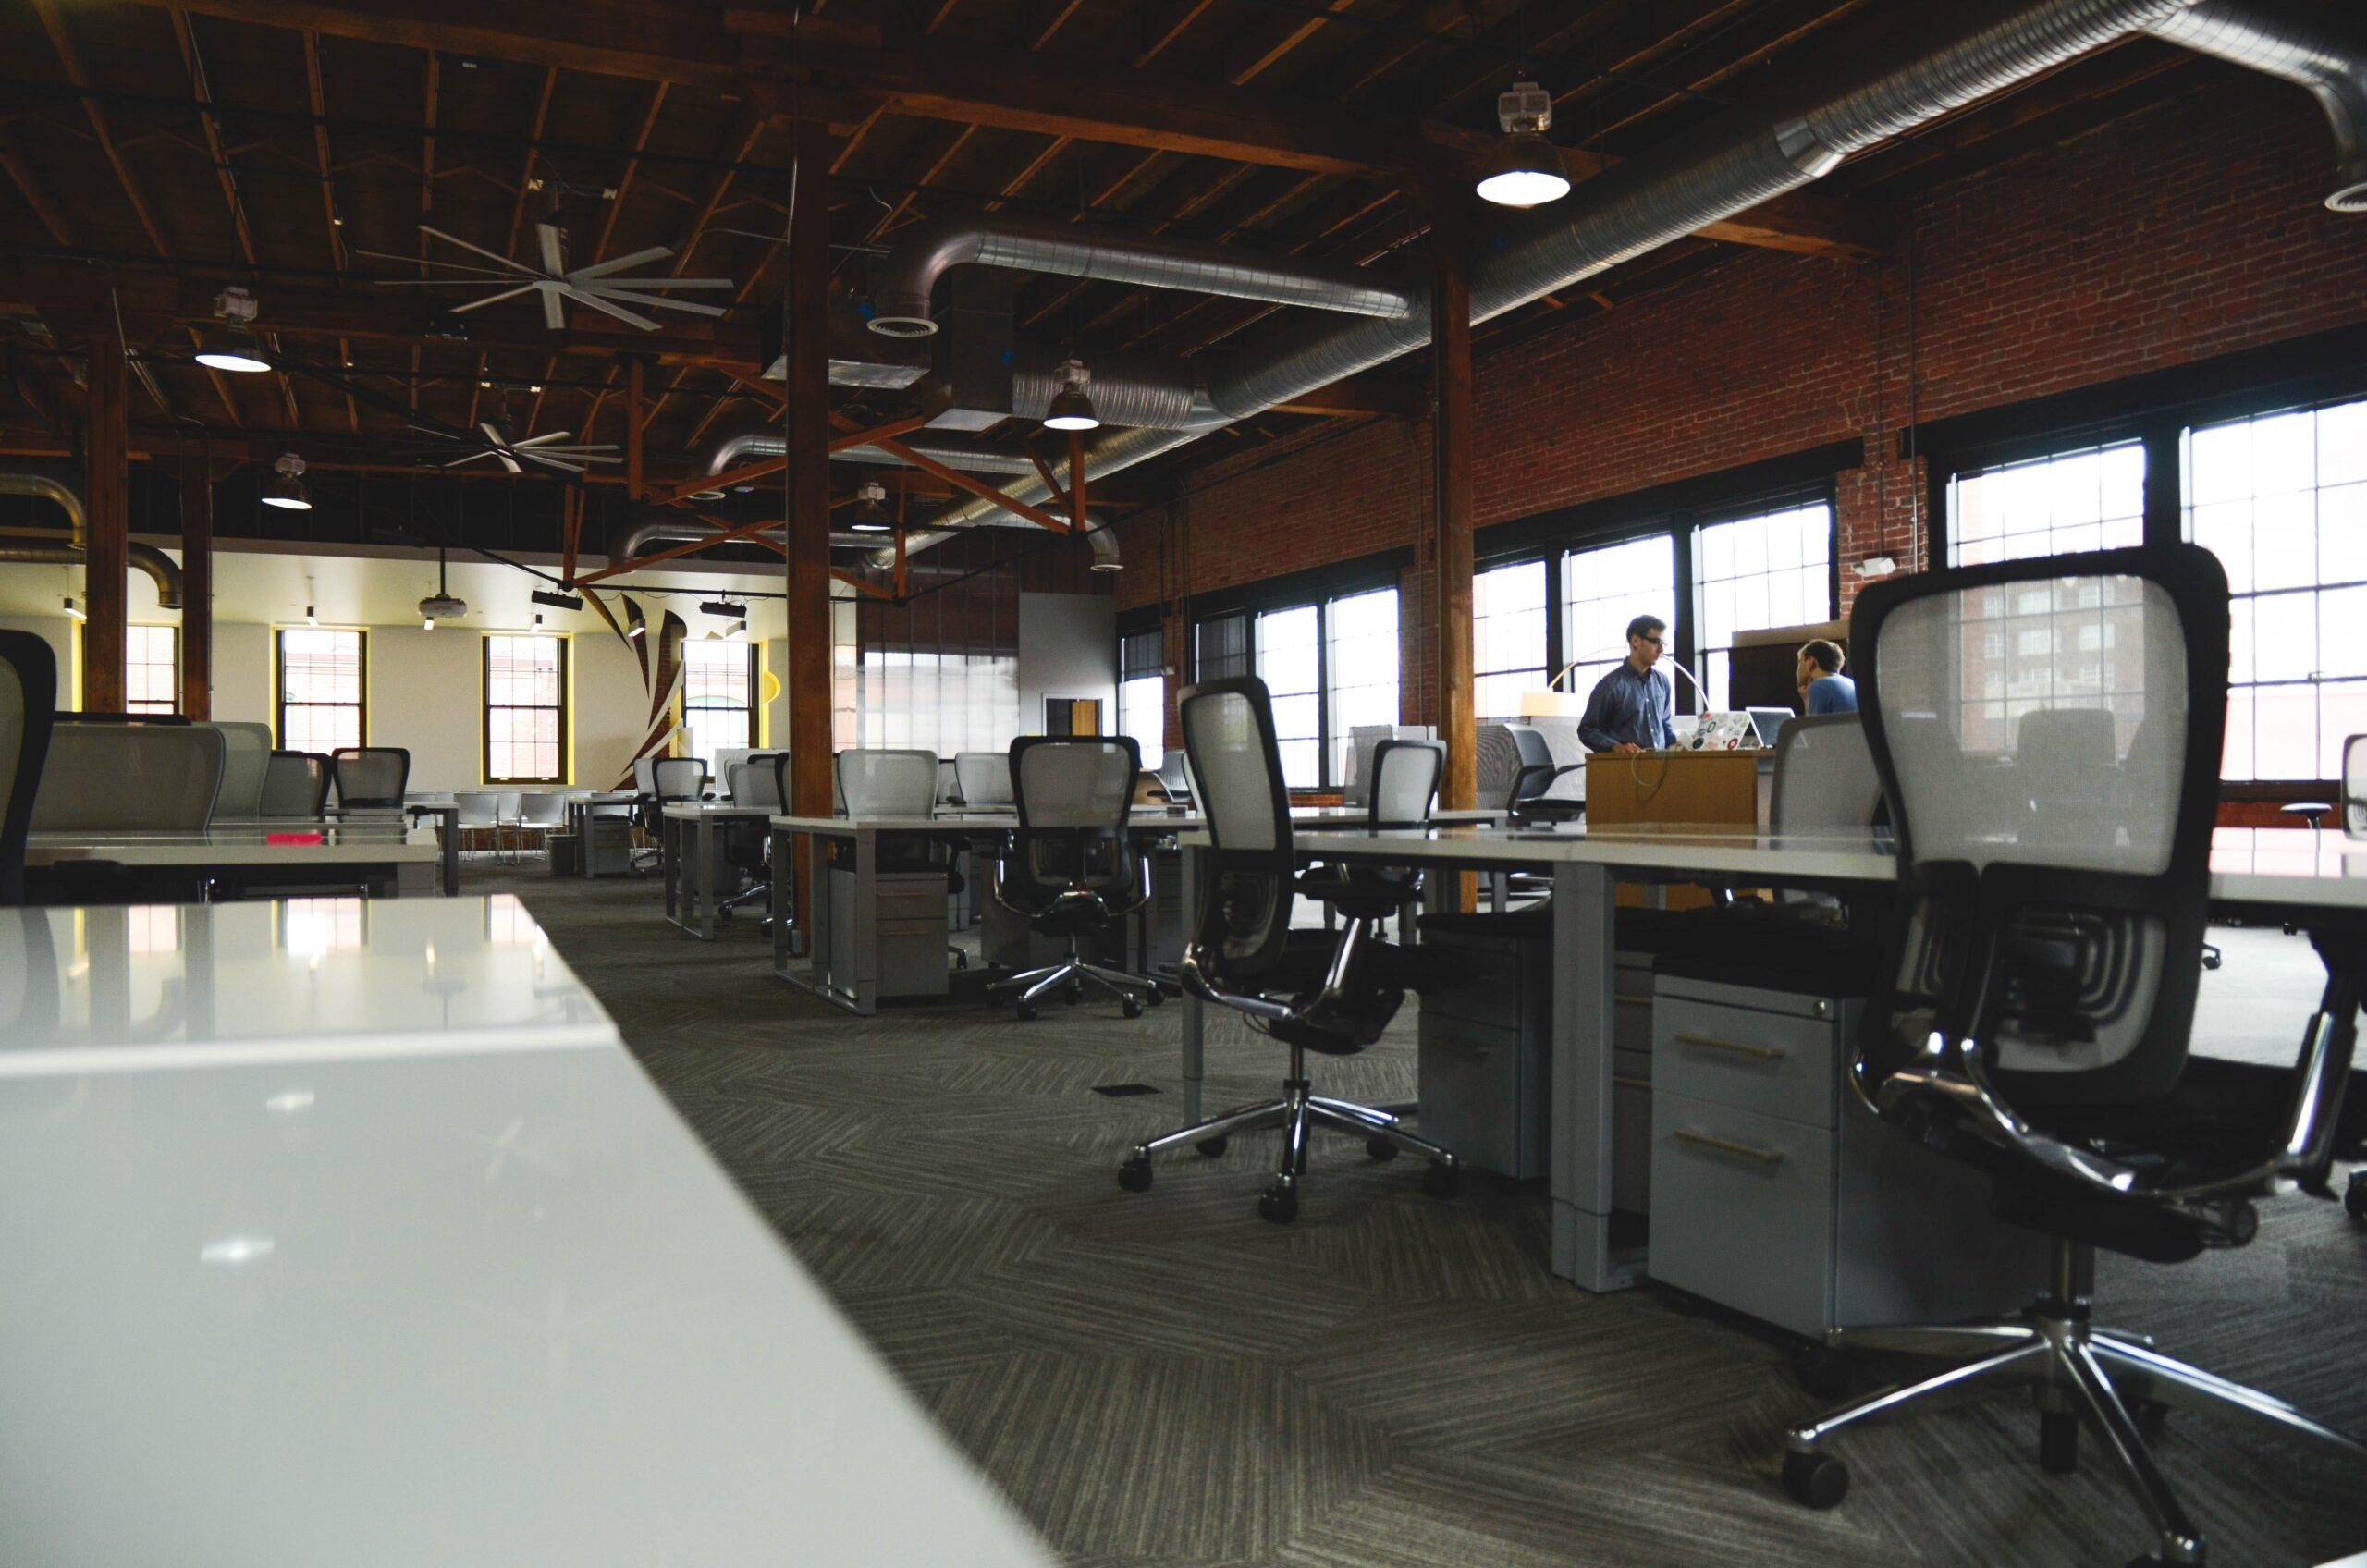 コミュニケーションが活性化する理想的なオフィス内装とは